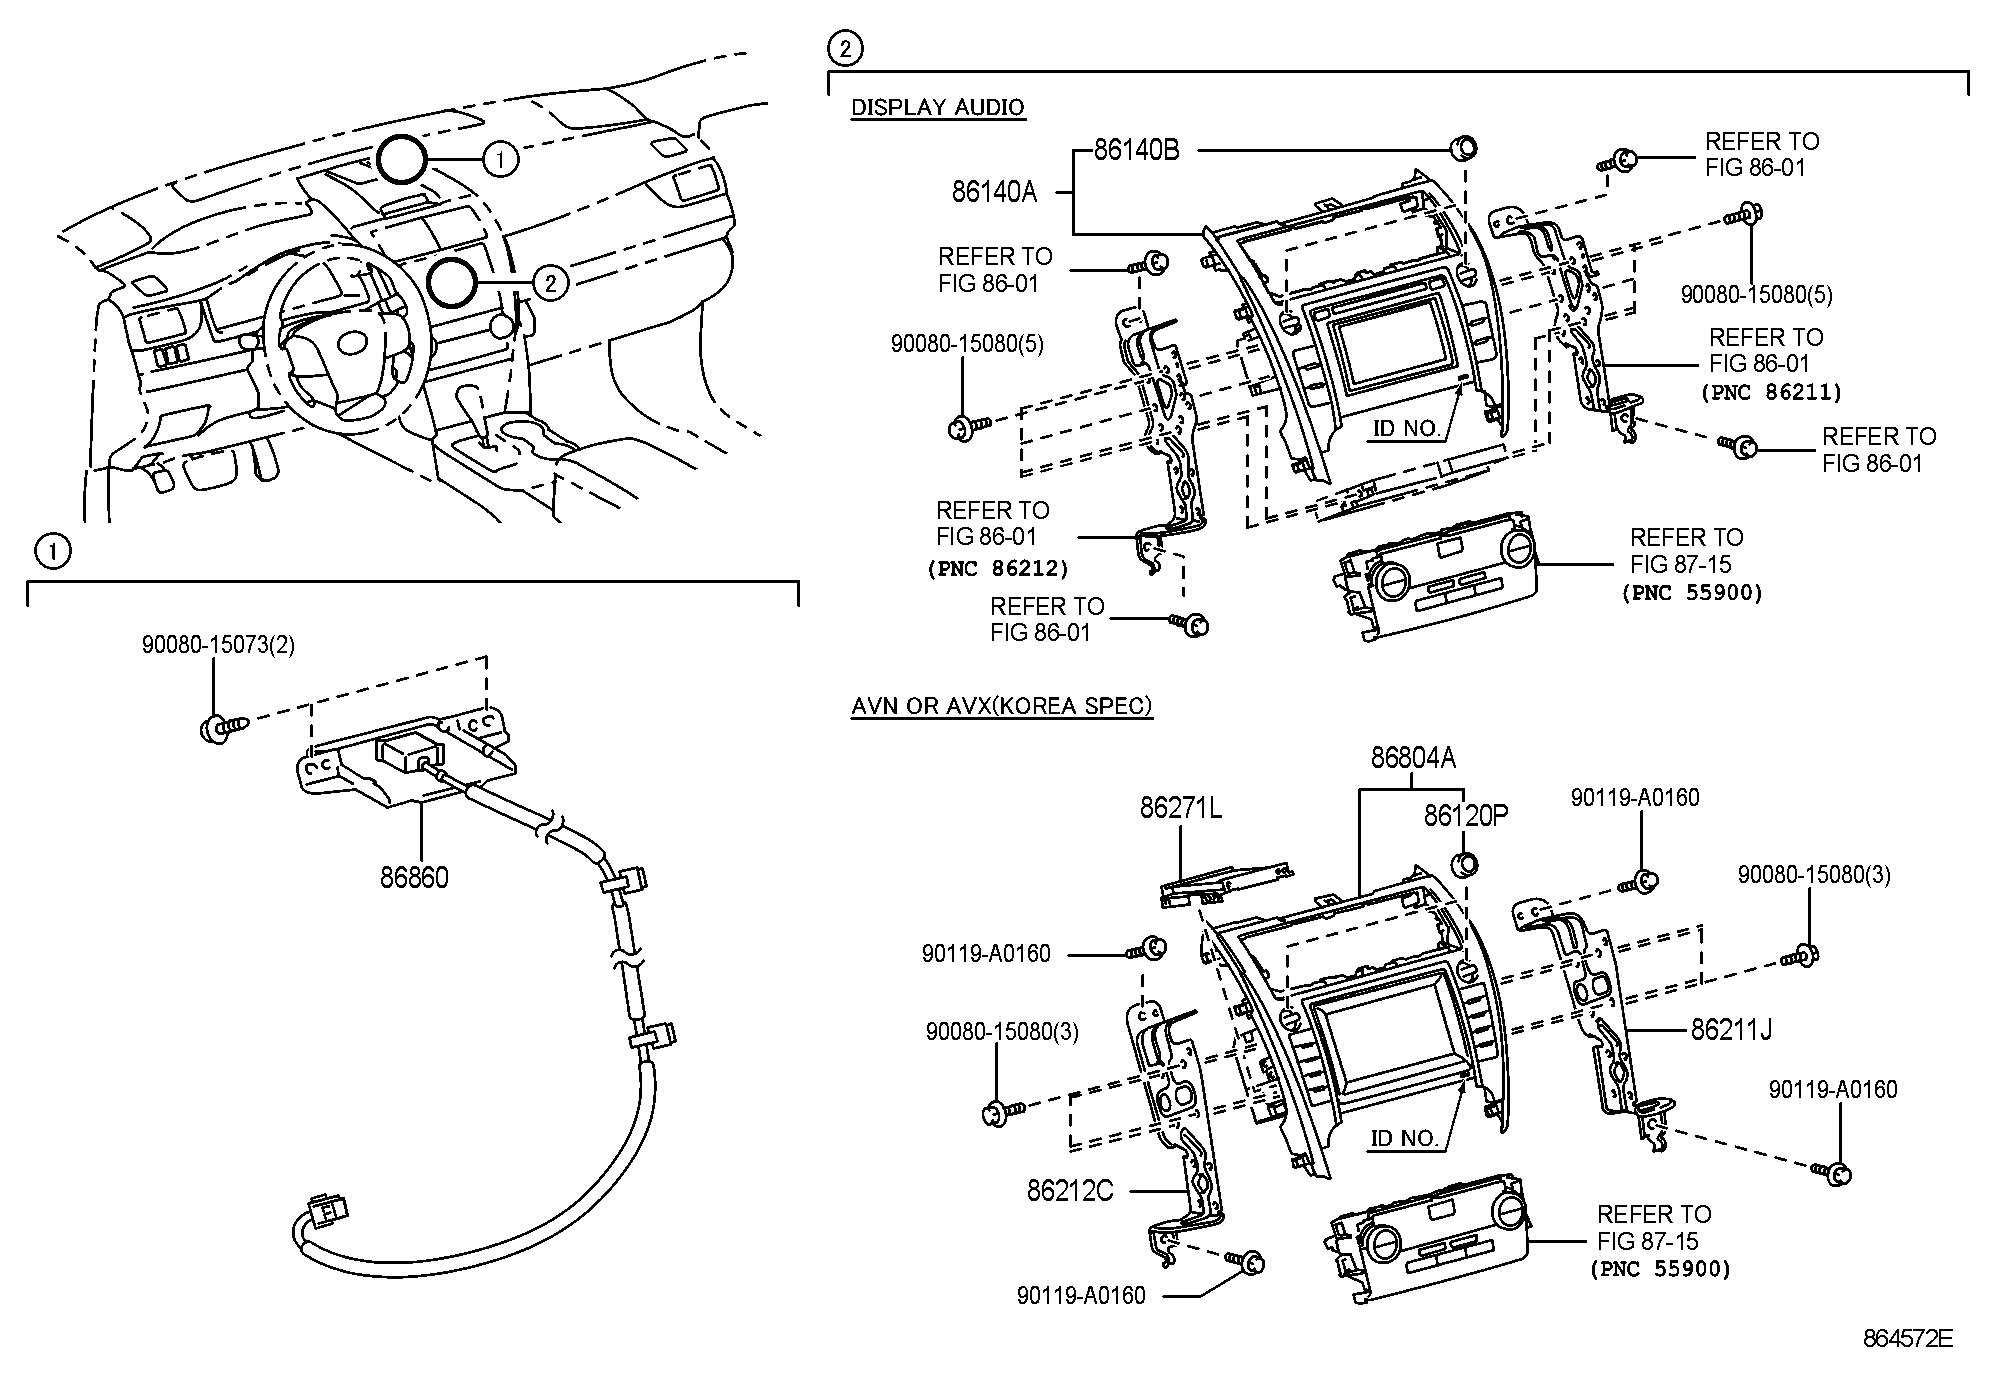 Toyota Camry Antenna assembly, navigation. Audio, jbl